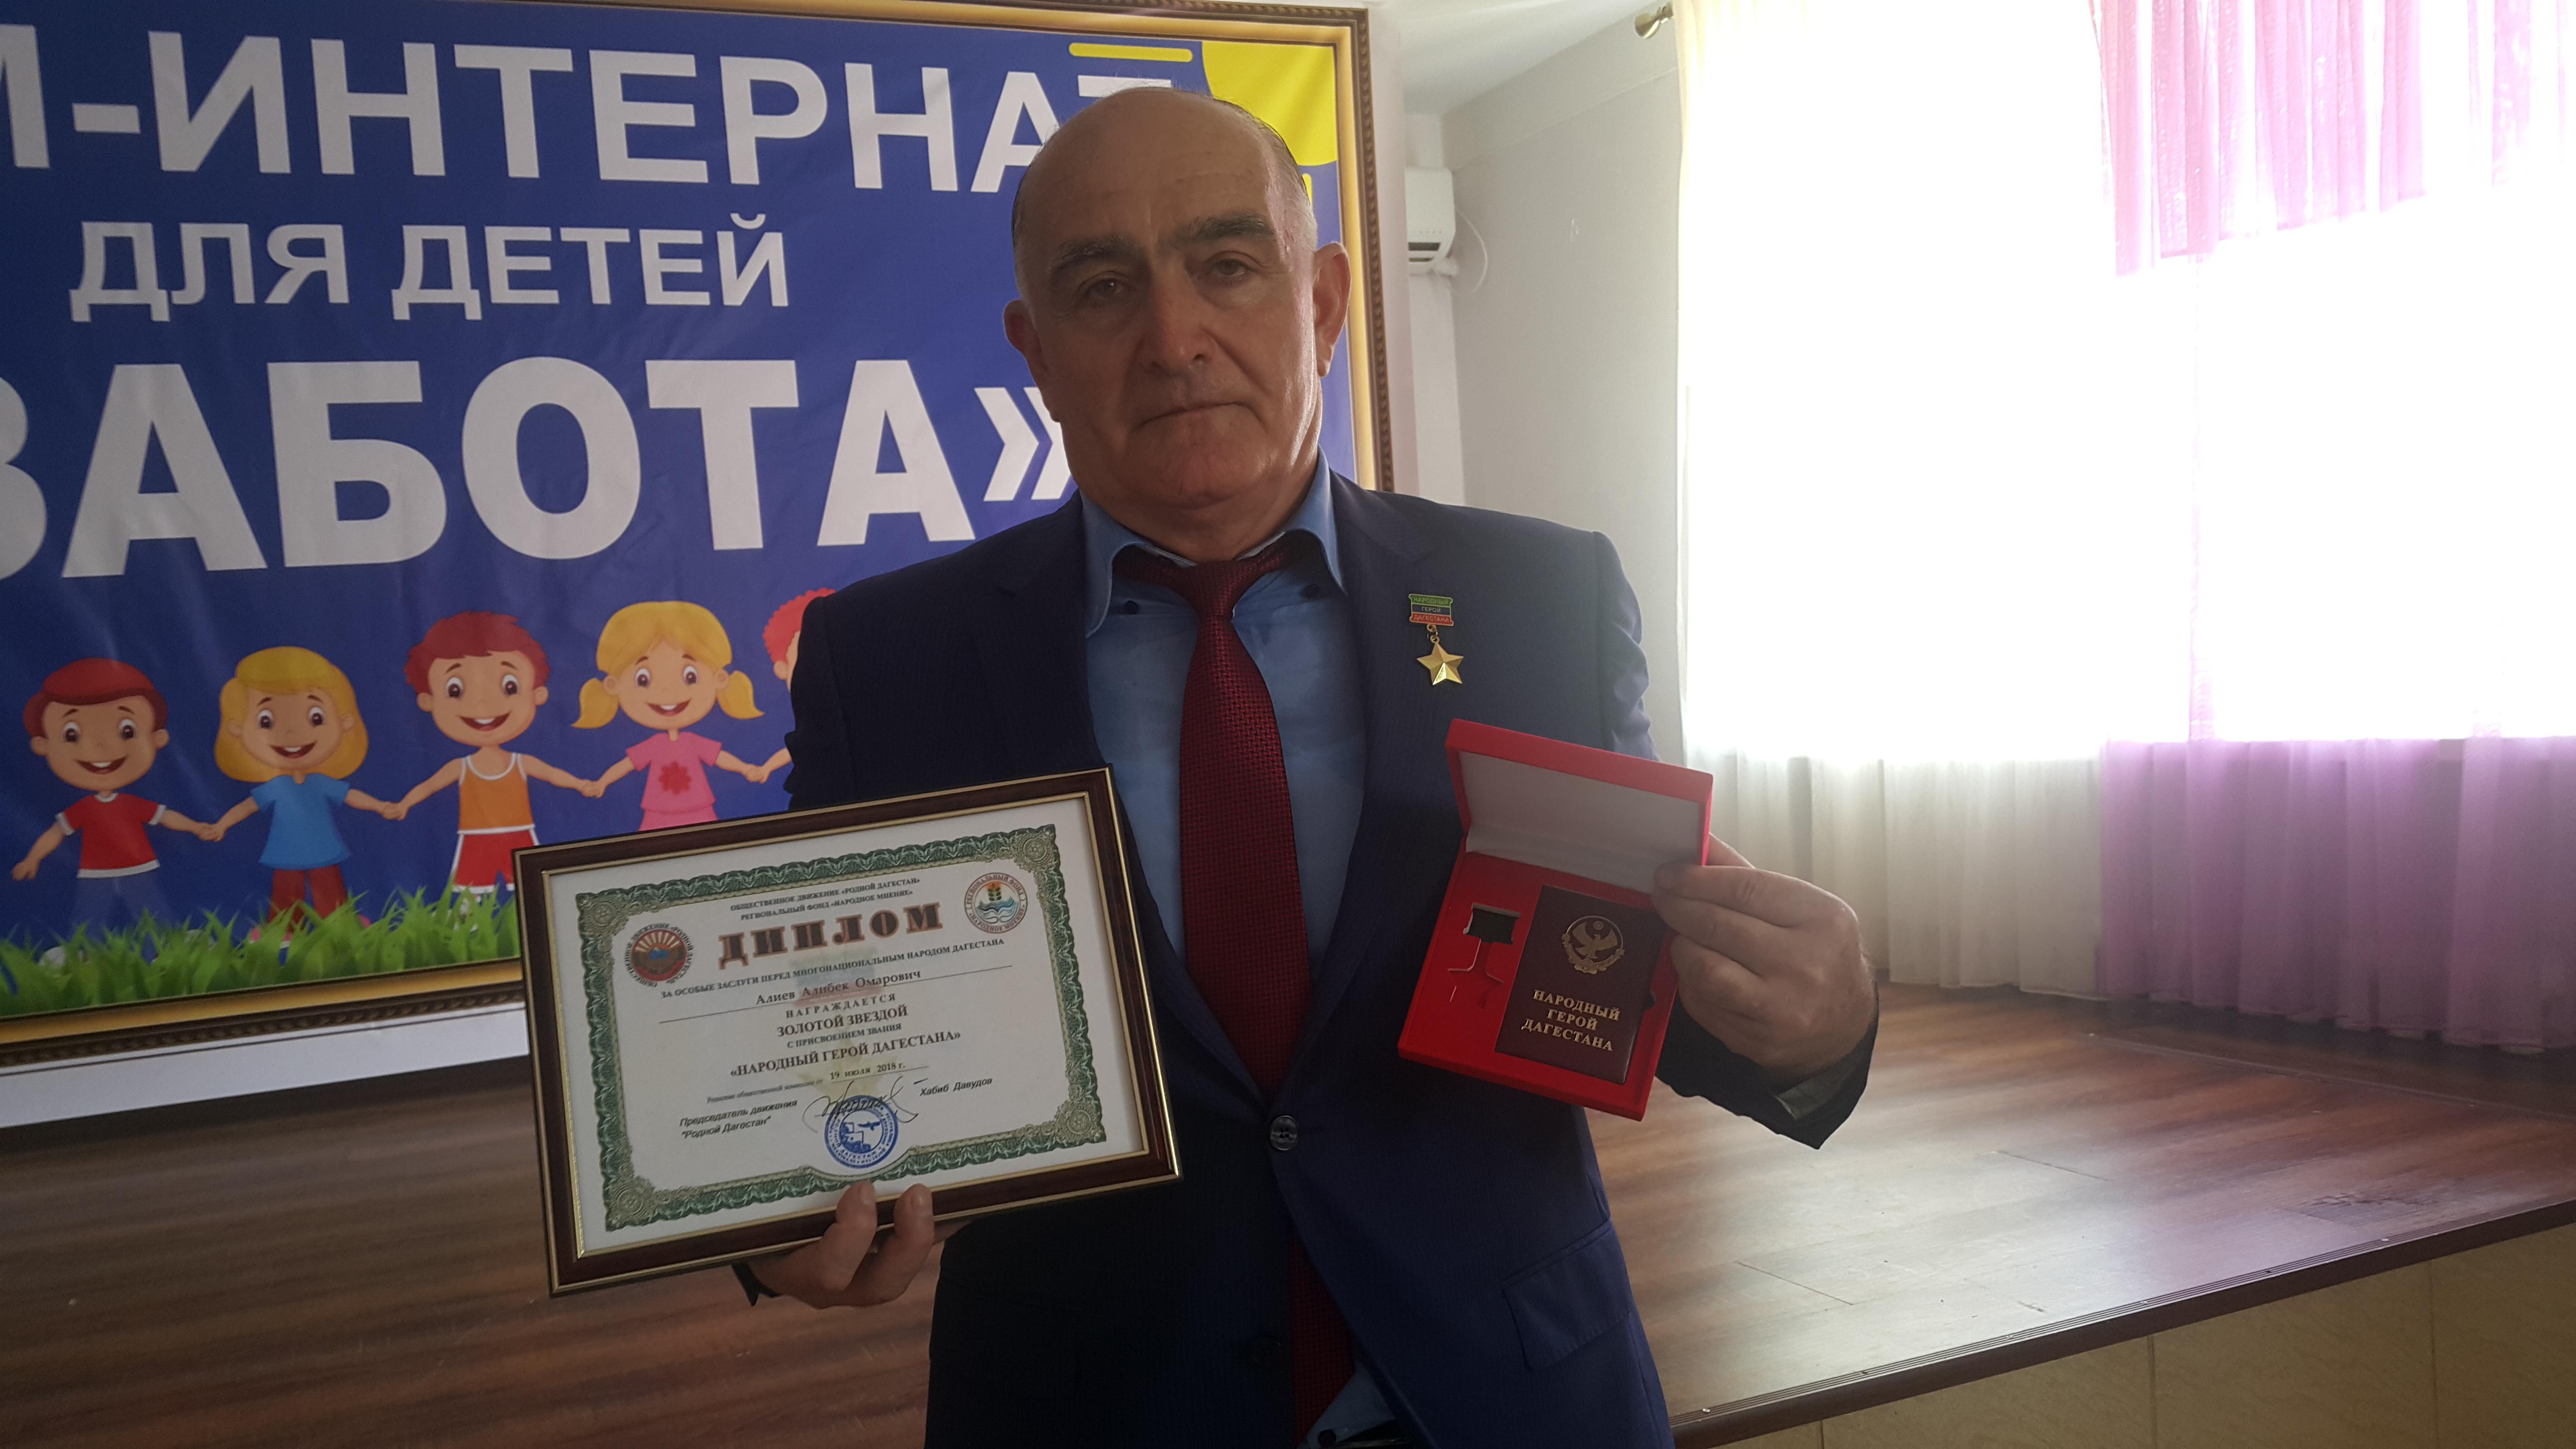 Алибек Алиев награжден золотой звездой